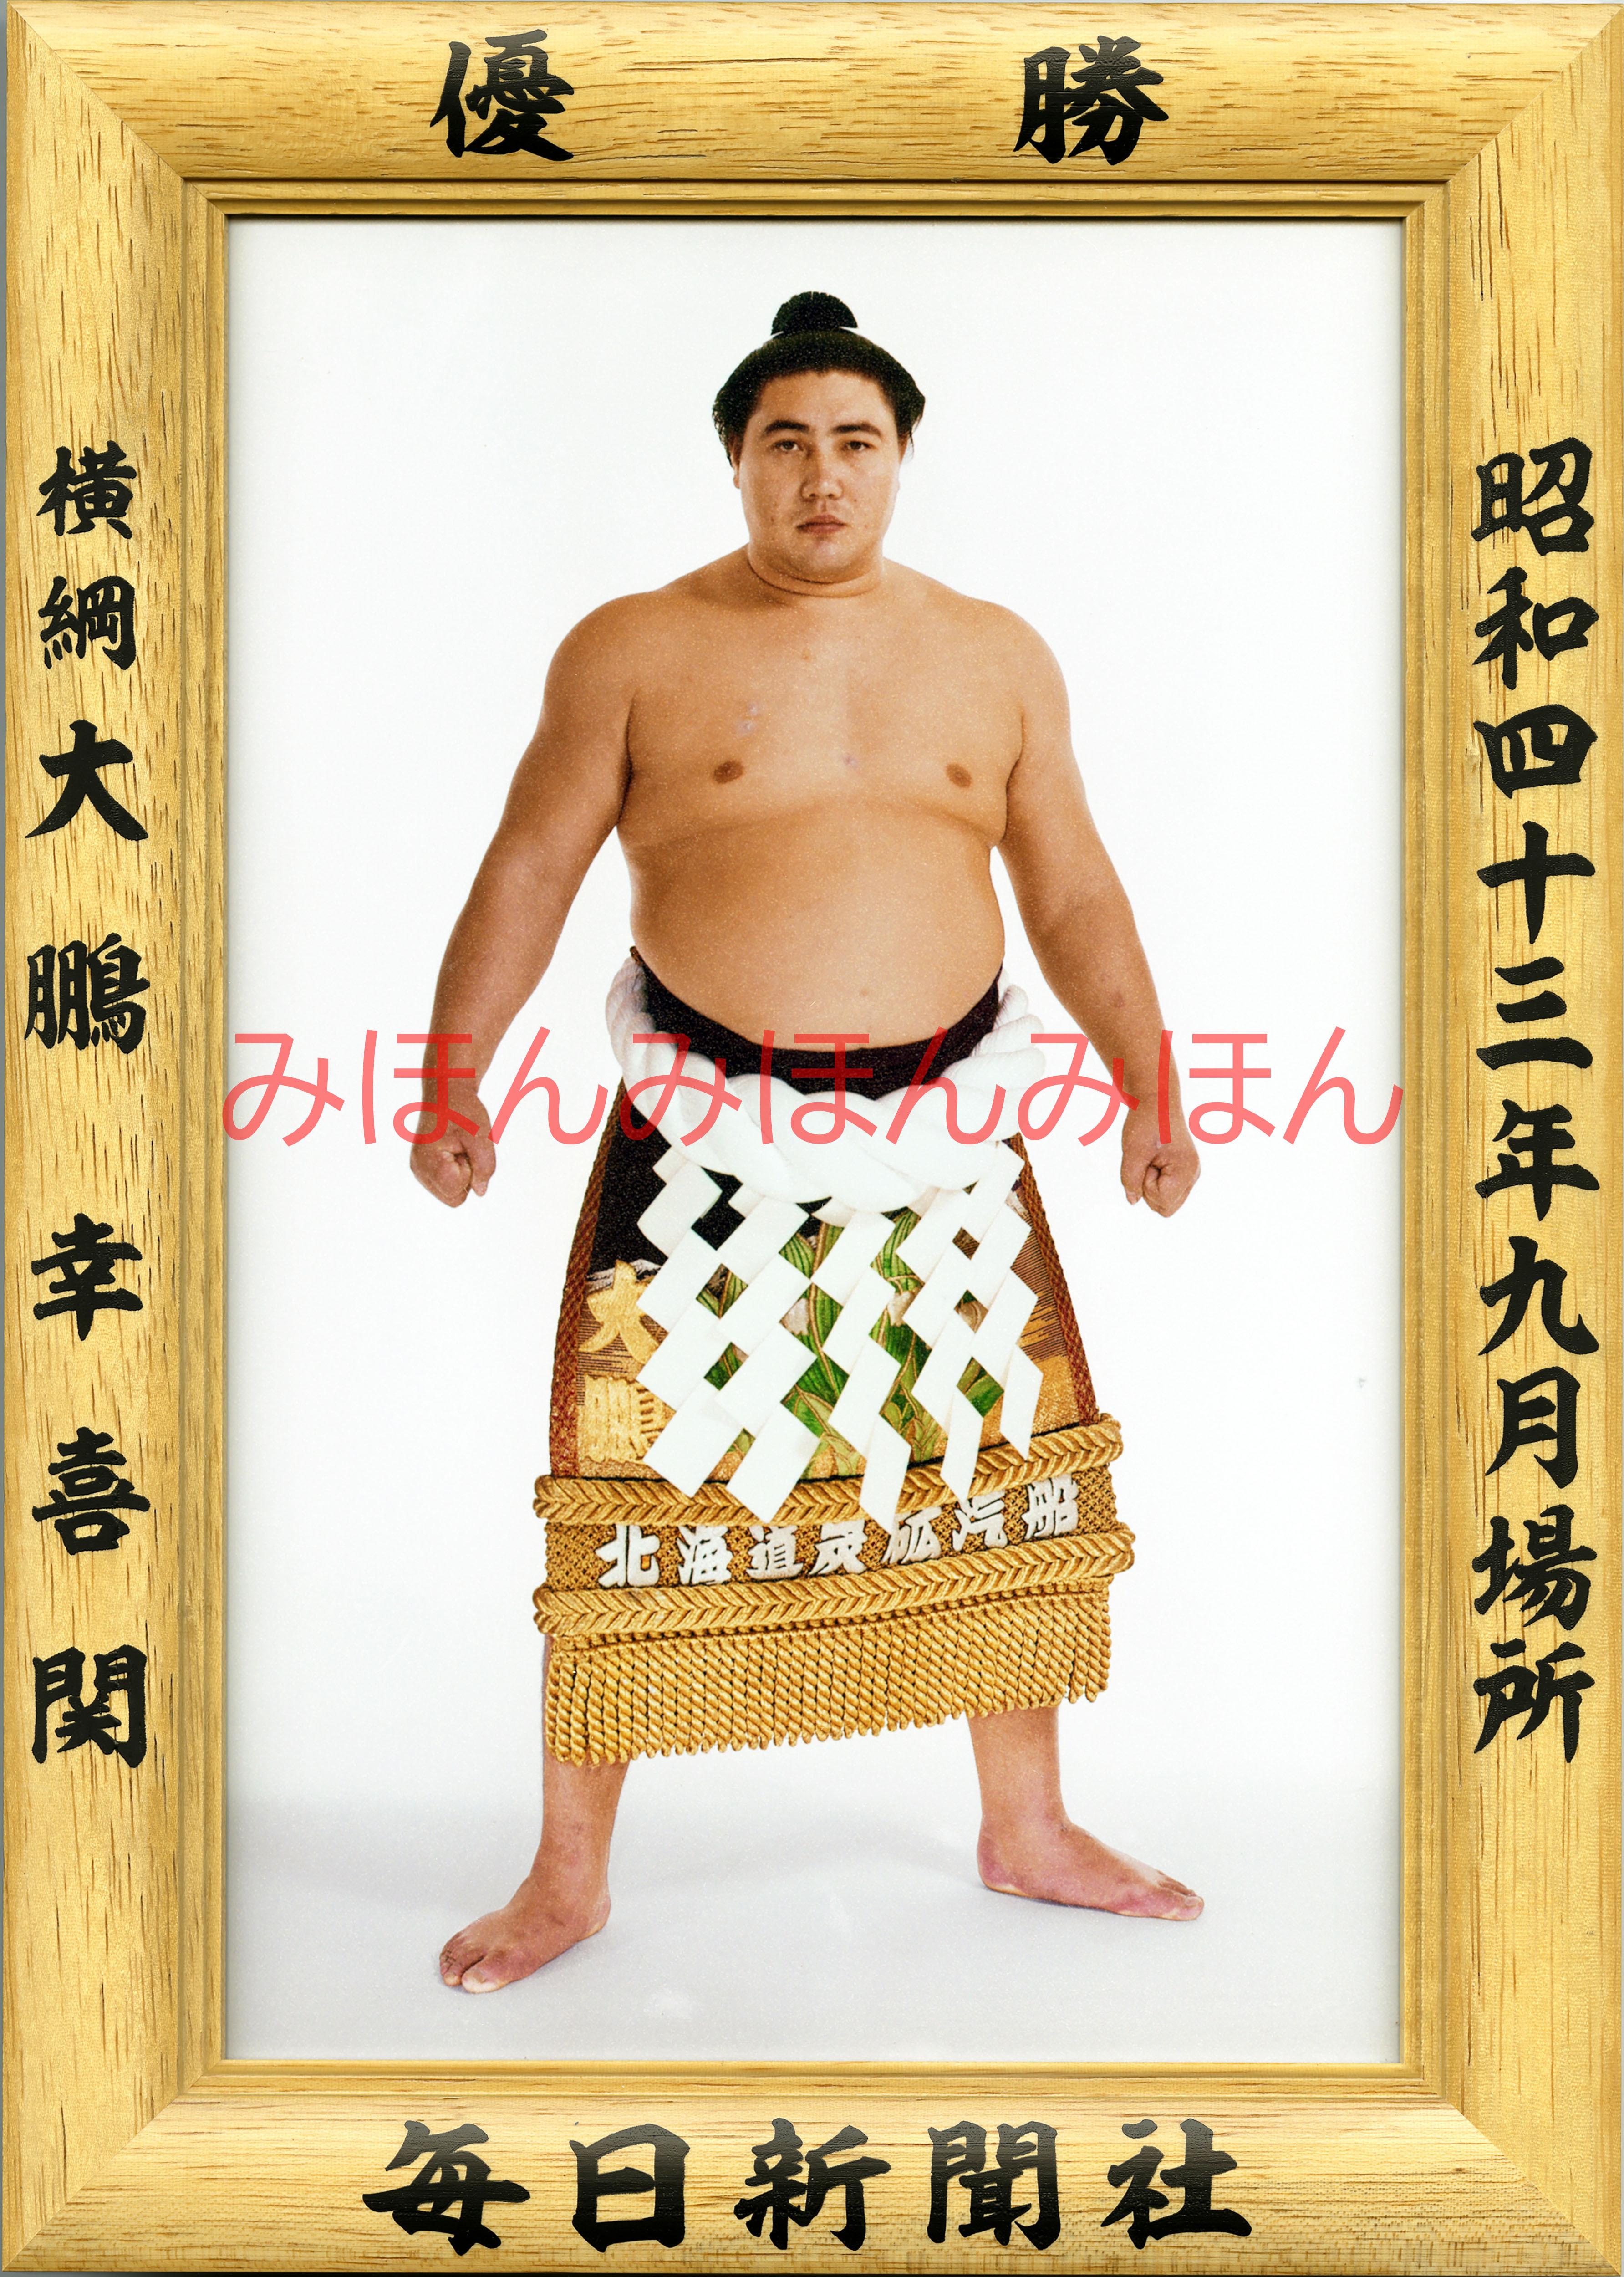 昭和43年9月場所優勝 横綱 大鵬幸喜関(27回目の優勝)